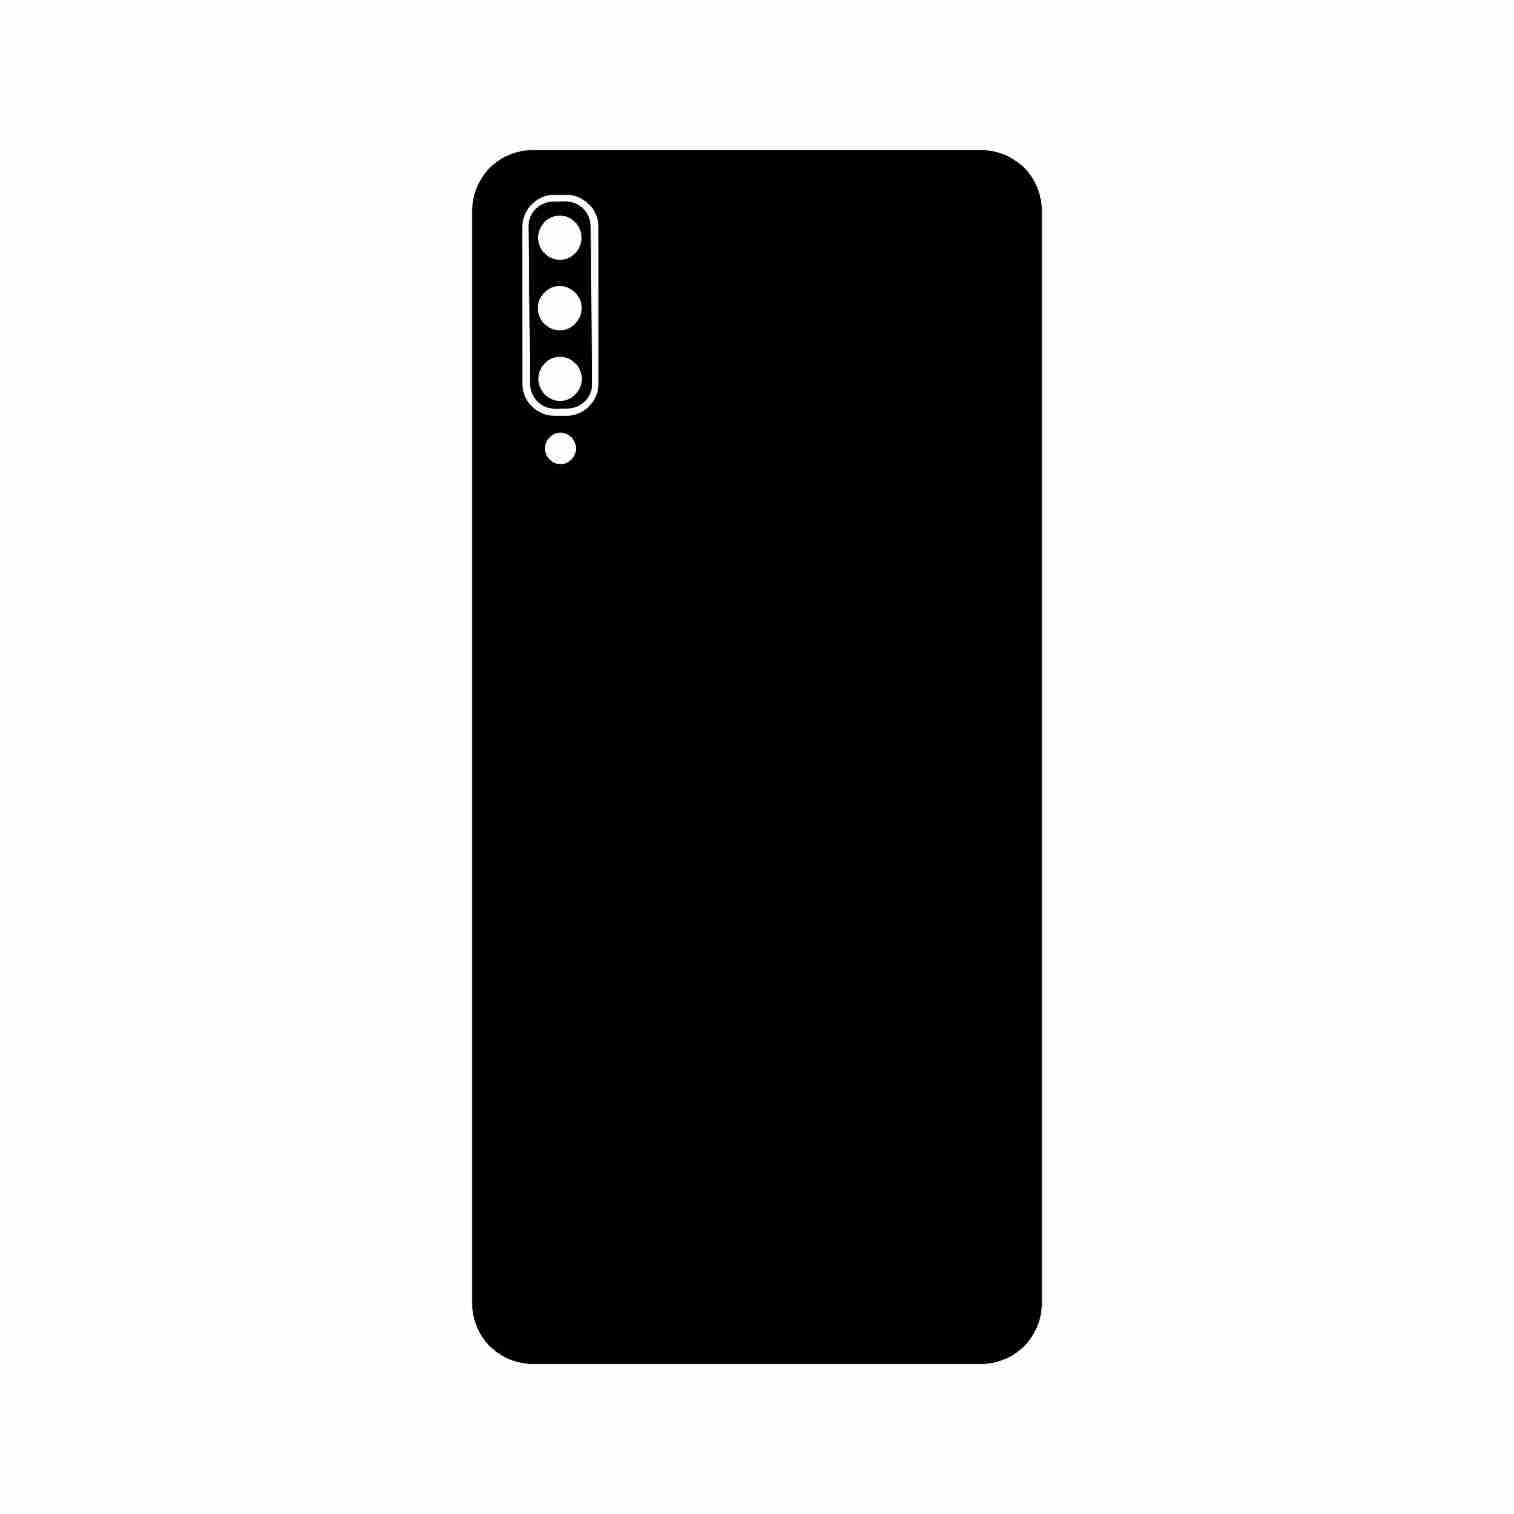 برچسب پوششی مدل 1004 مناسب برای گوشی موبایل سامسونگ Galaxy A70